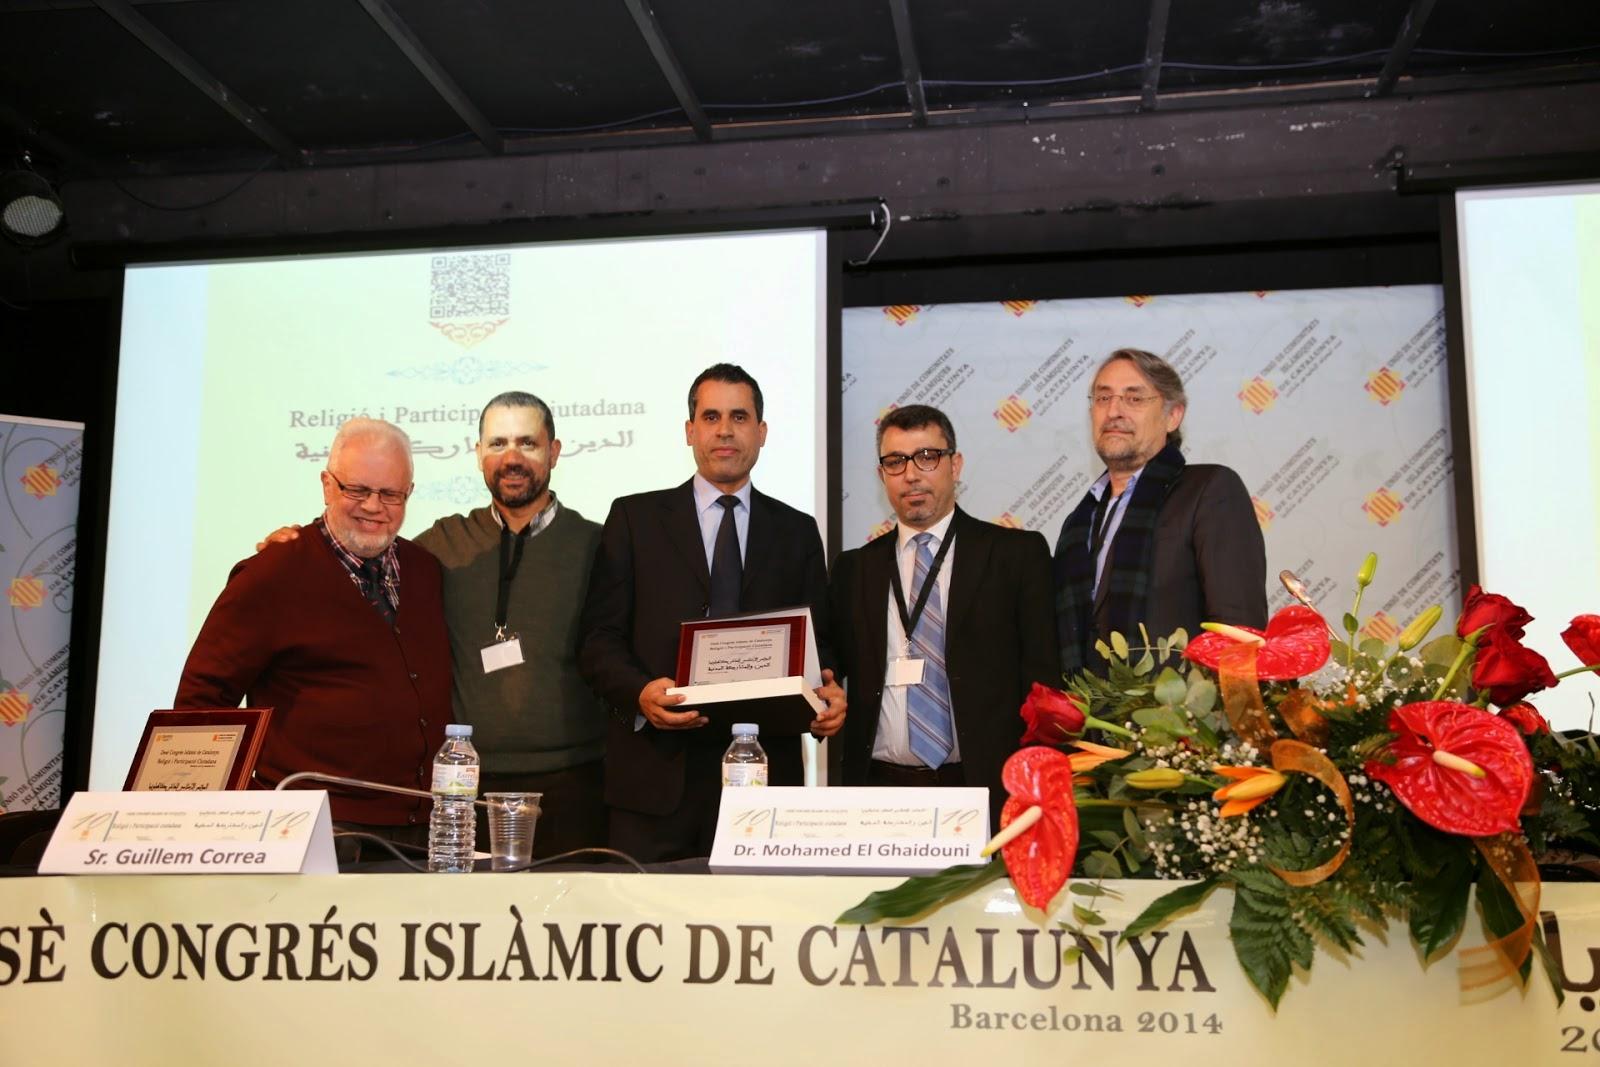 El Hassani El Prat / Santa Coloma / Latifa El Hassani, directora de comunicación de la Fundación Nous Catalans / Fotos de Fodé Diakité y de nuevos catalanes .cat